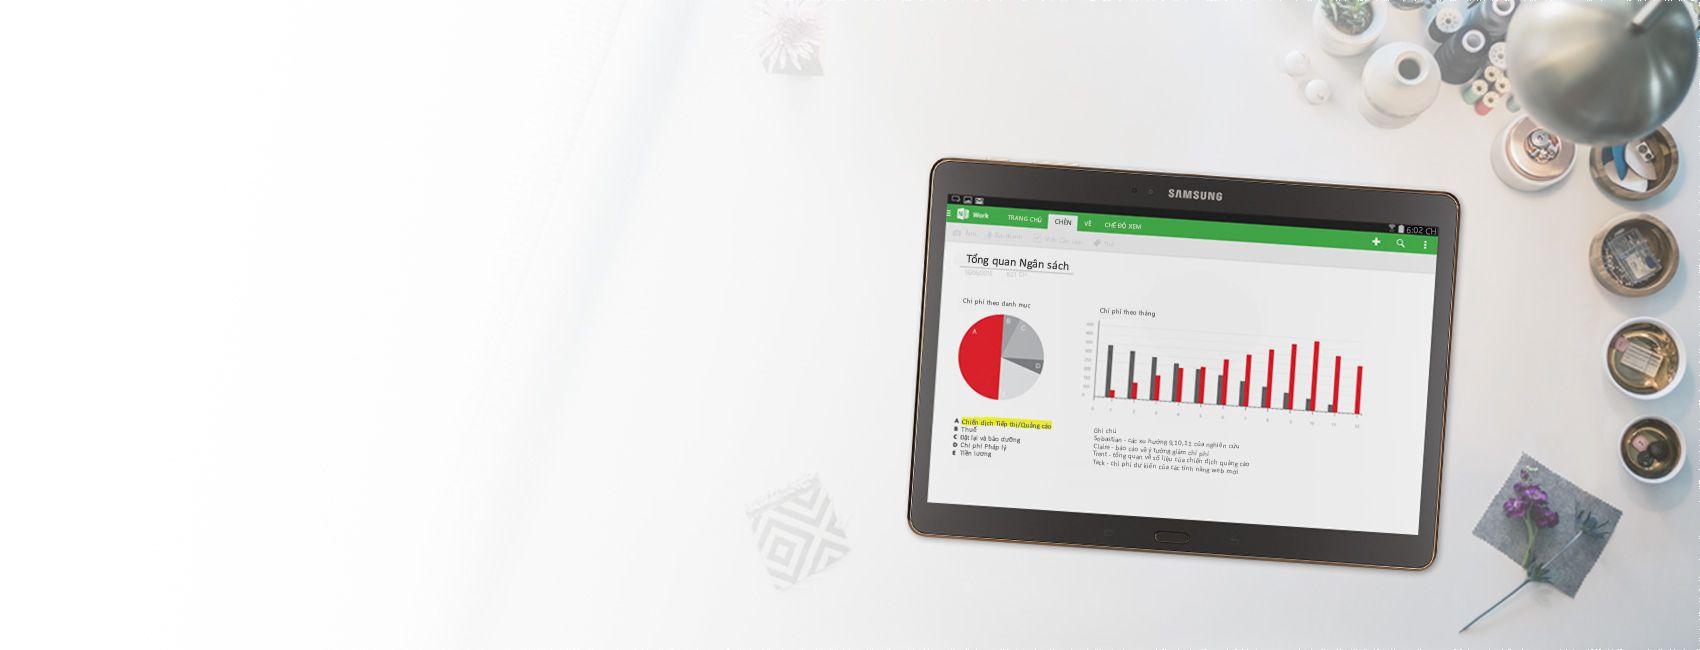 Một chiếc máy tính bảng hiển thị các biểu đồ và đồ thị tổng quan về ngân sách trong sổ tay OneNote